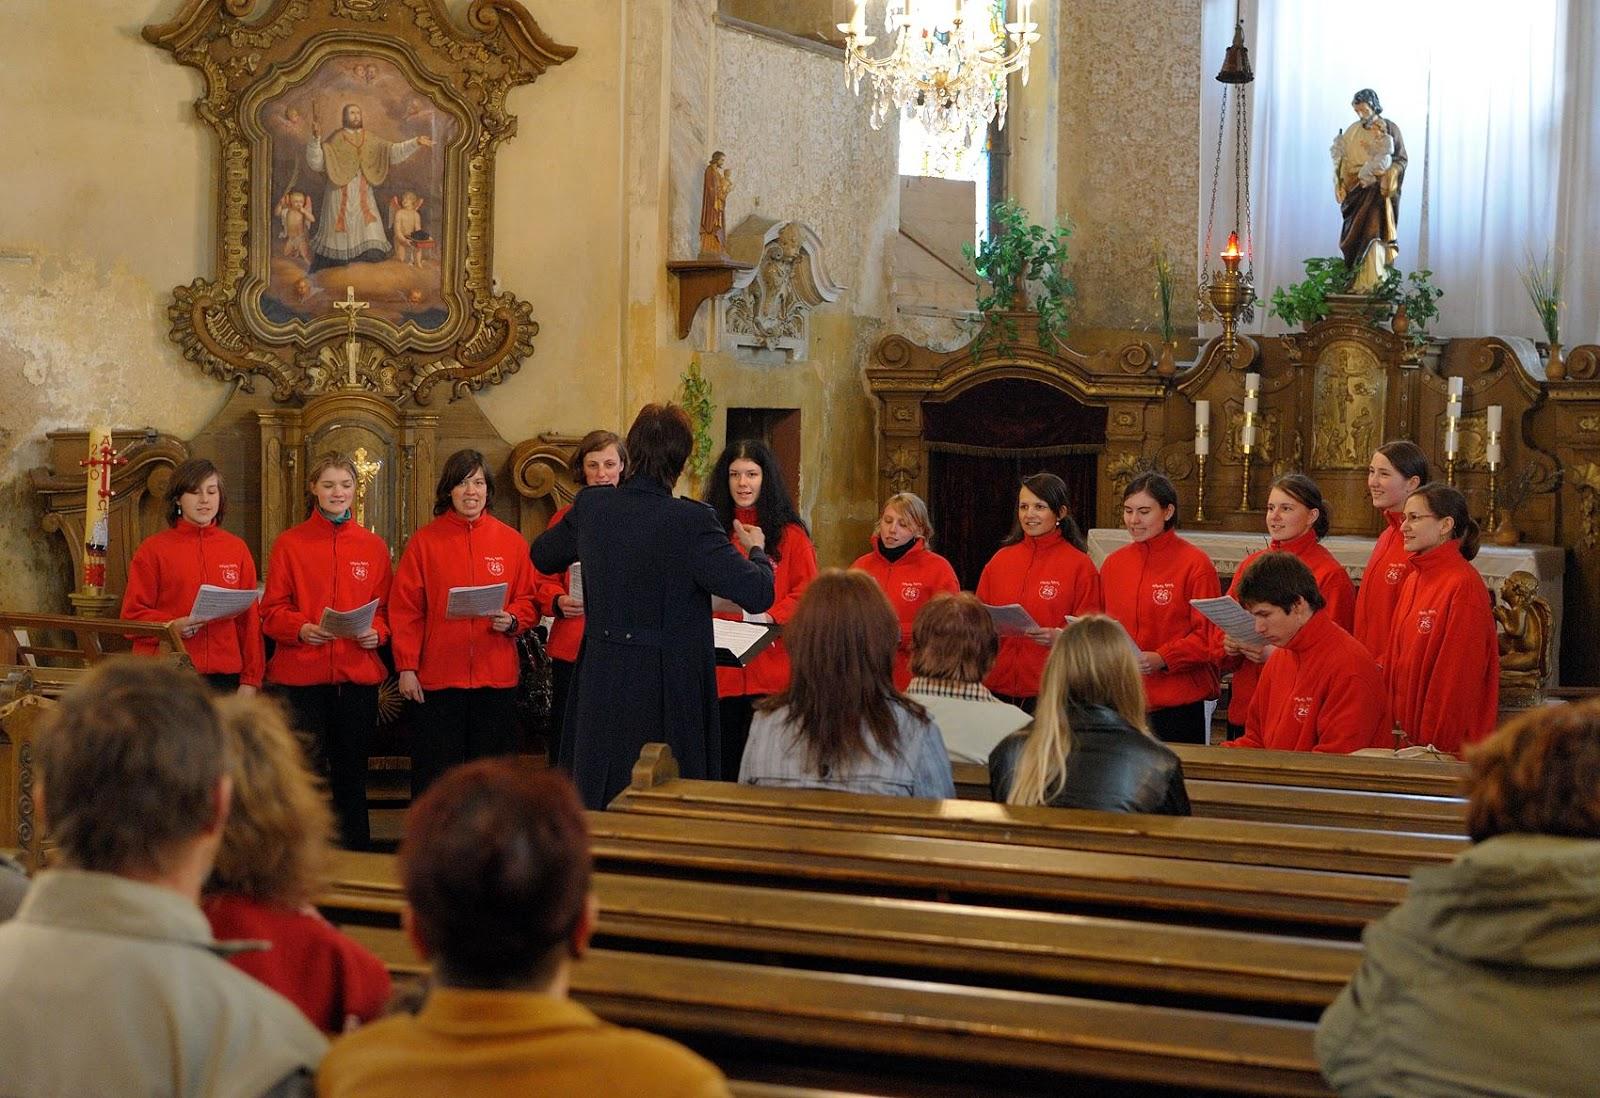 Velikonoce na Krásné 5. 4. 2009 - koncert